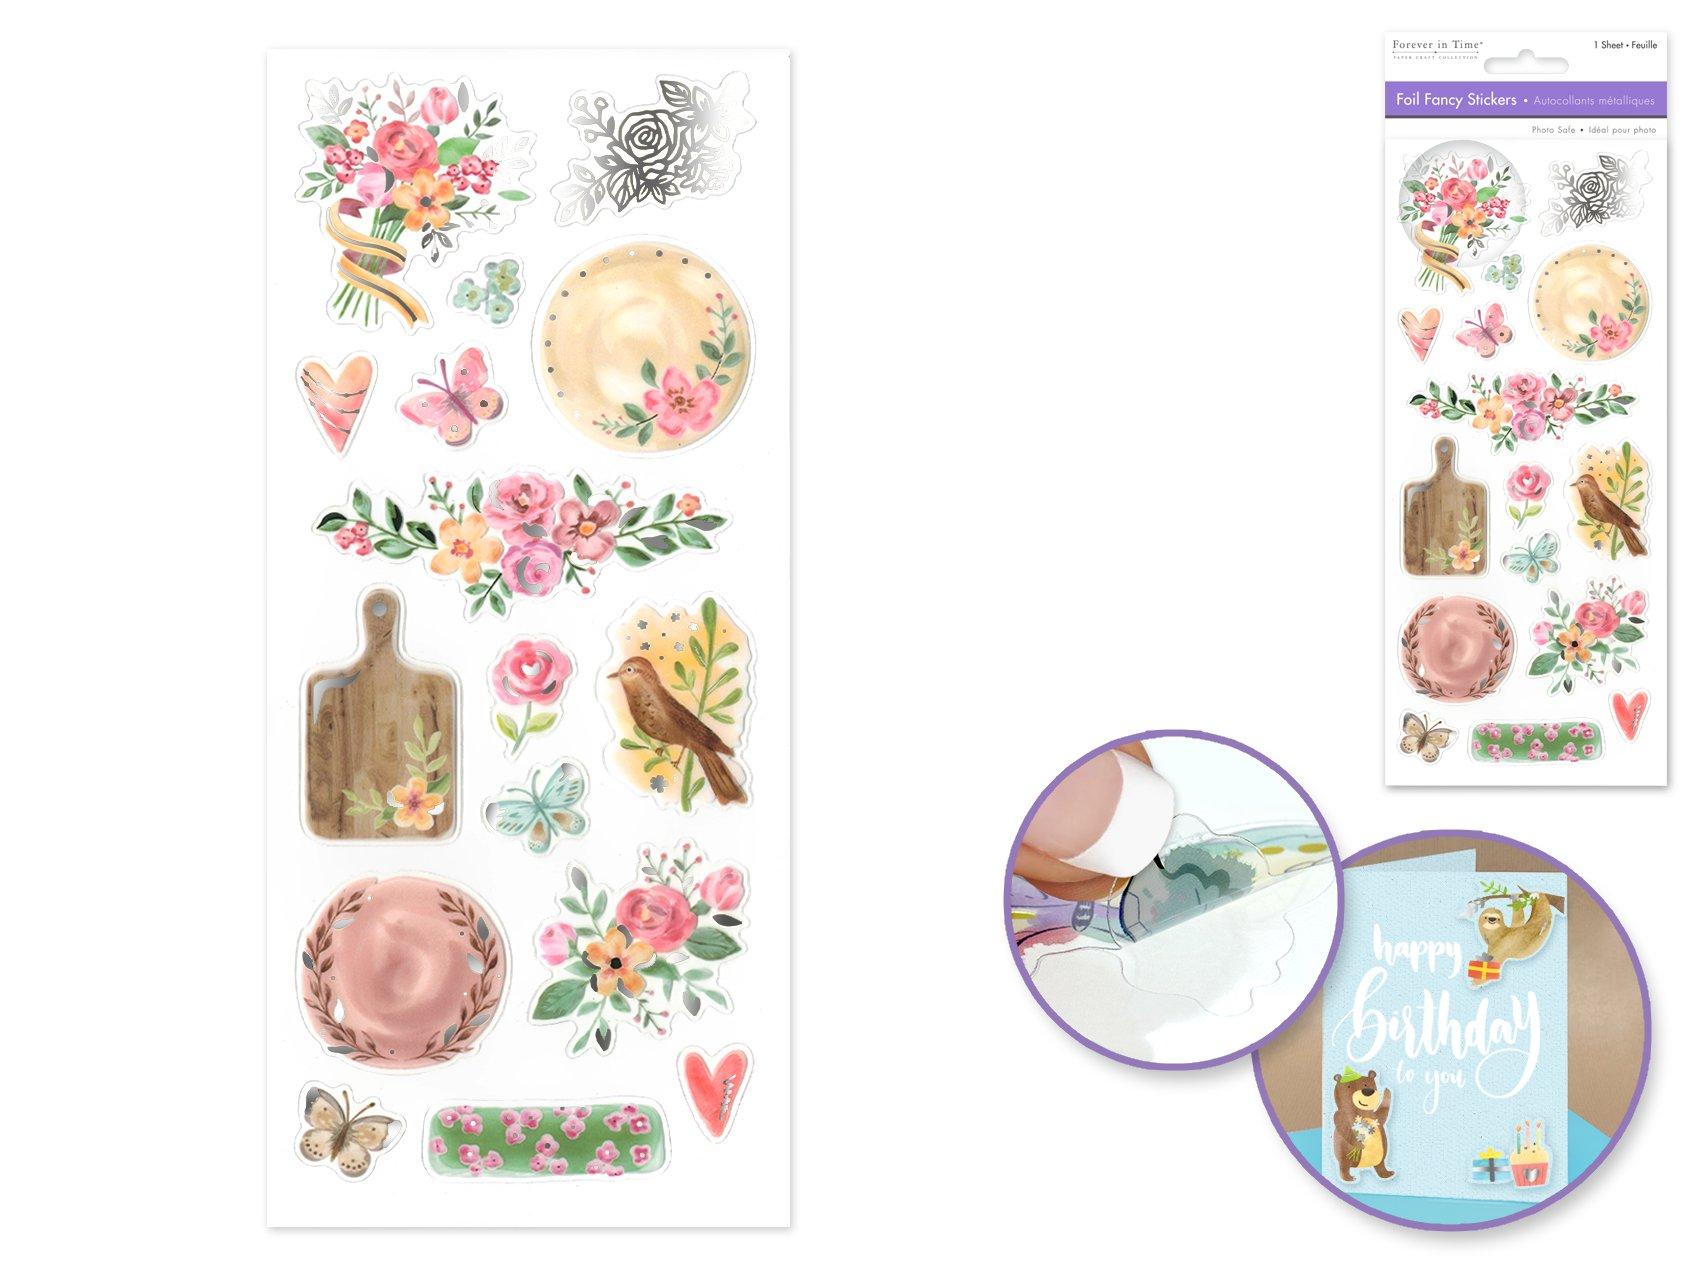 Fancy Foil Stickers- Vintage Floral